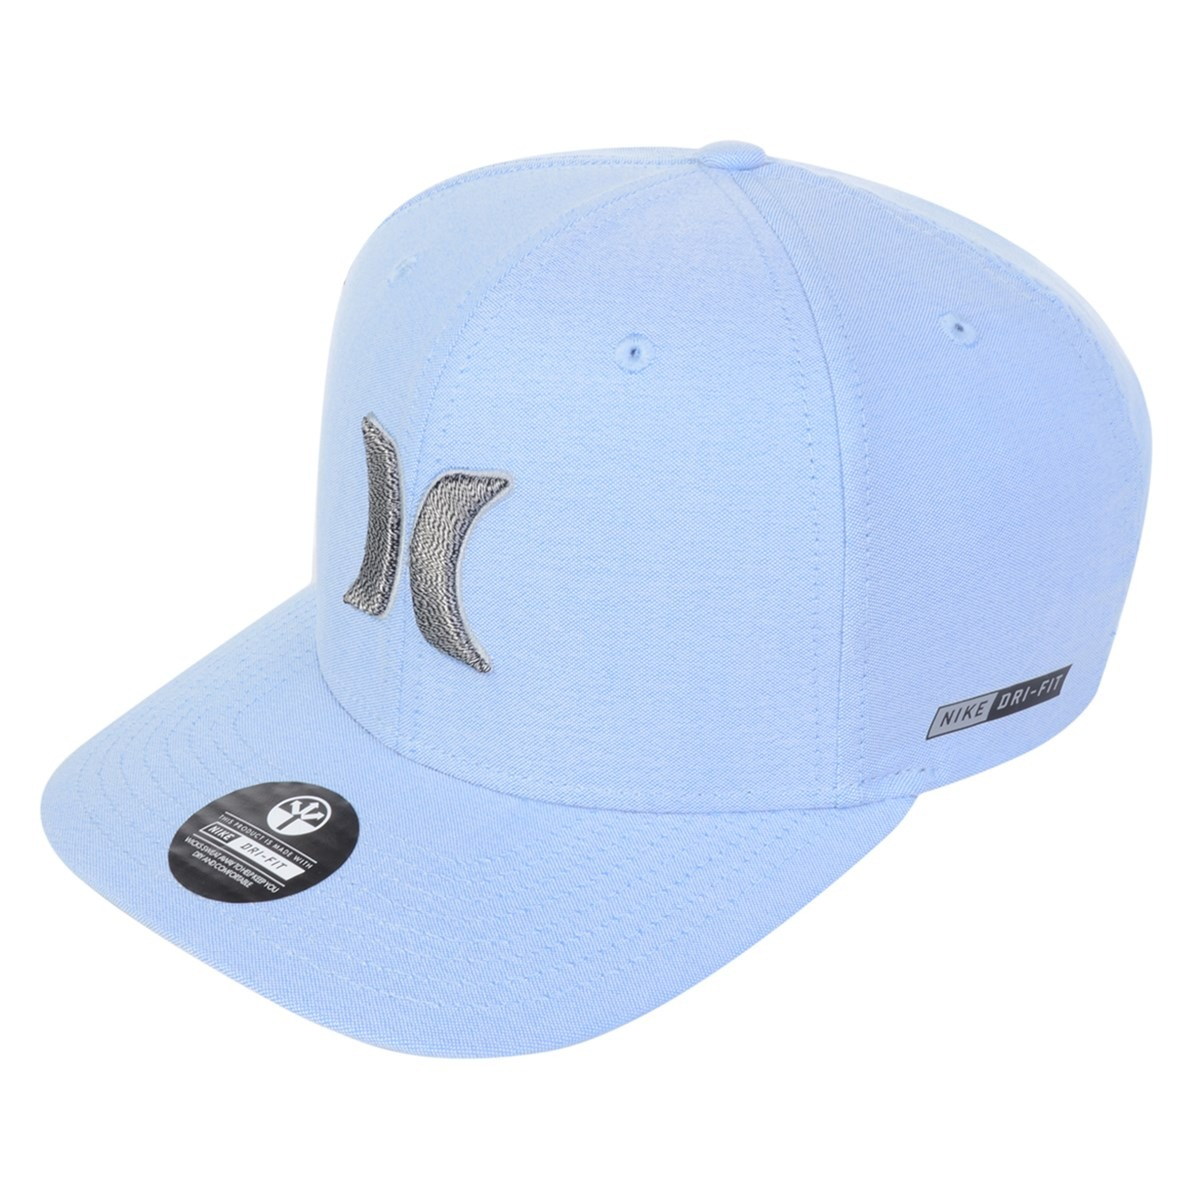 boné masculino hurley dri-fit curvado azul. Carregando zoom. 6eb96f5c51f